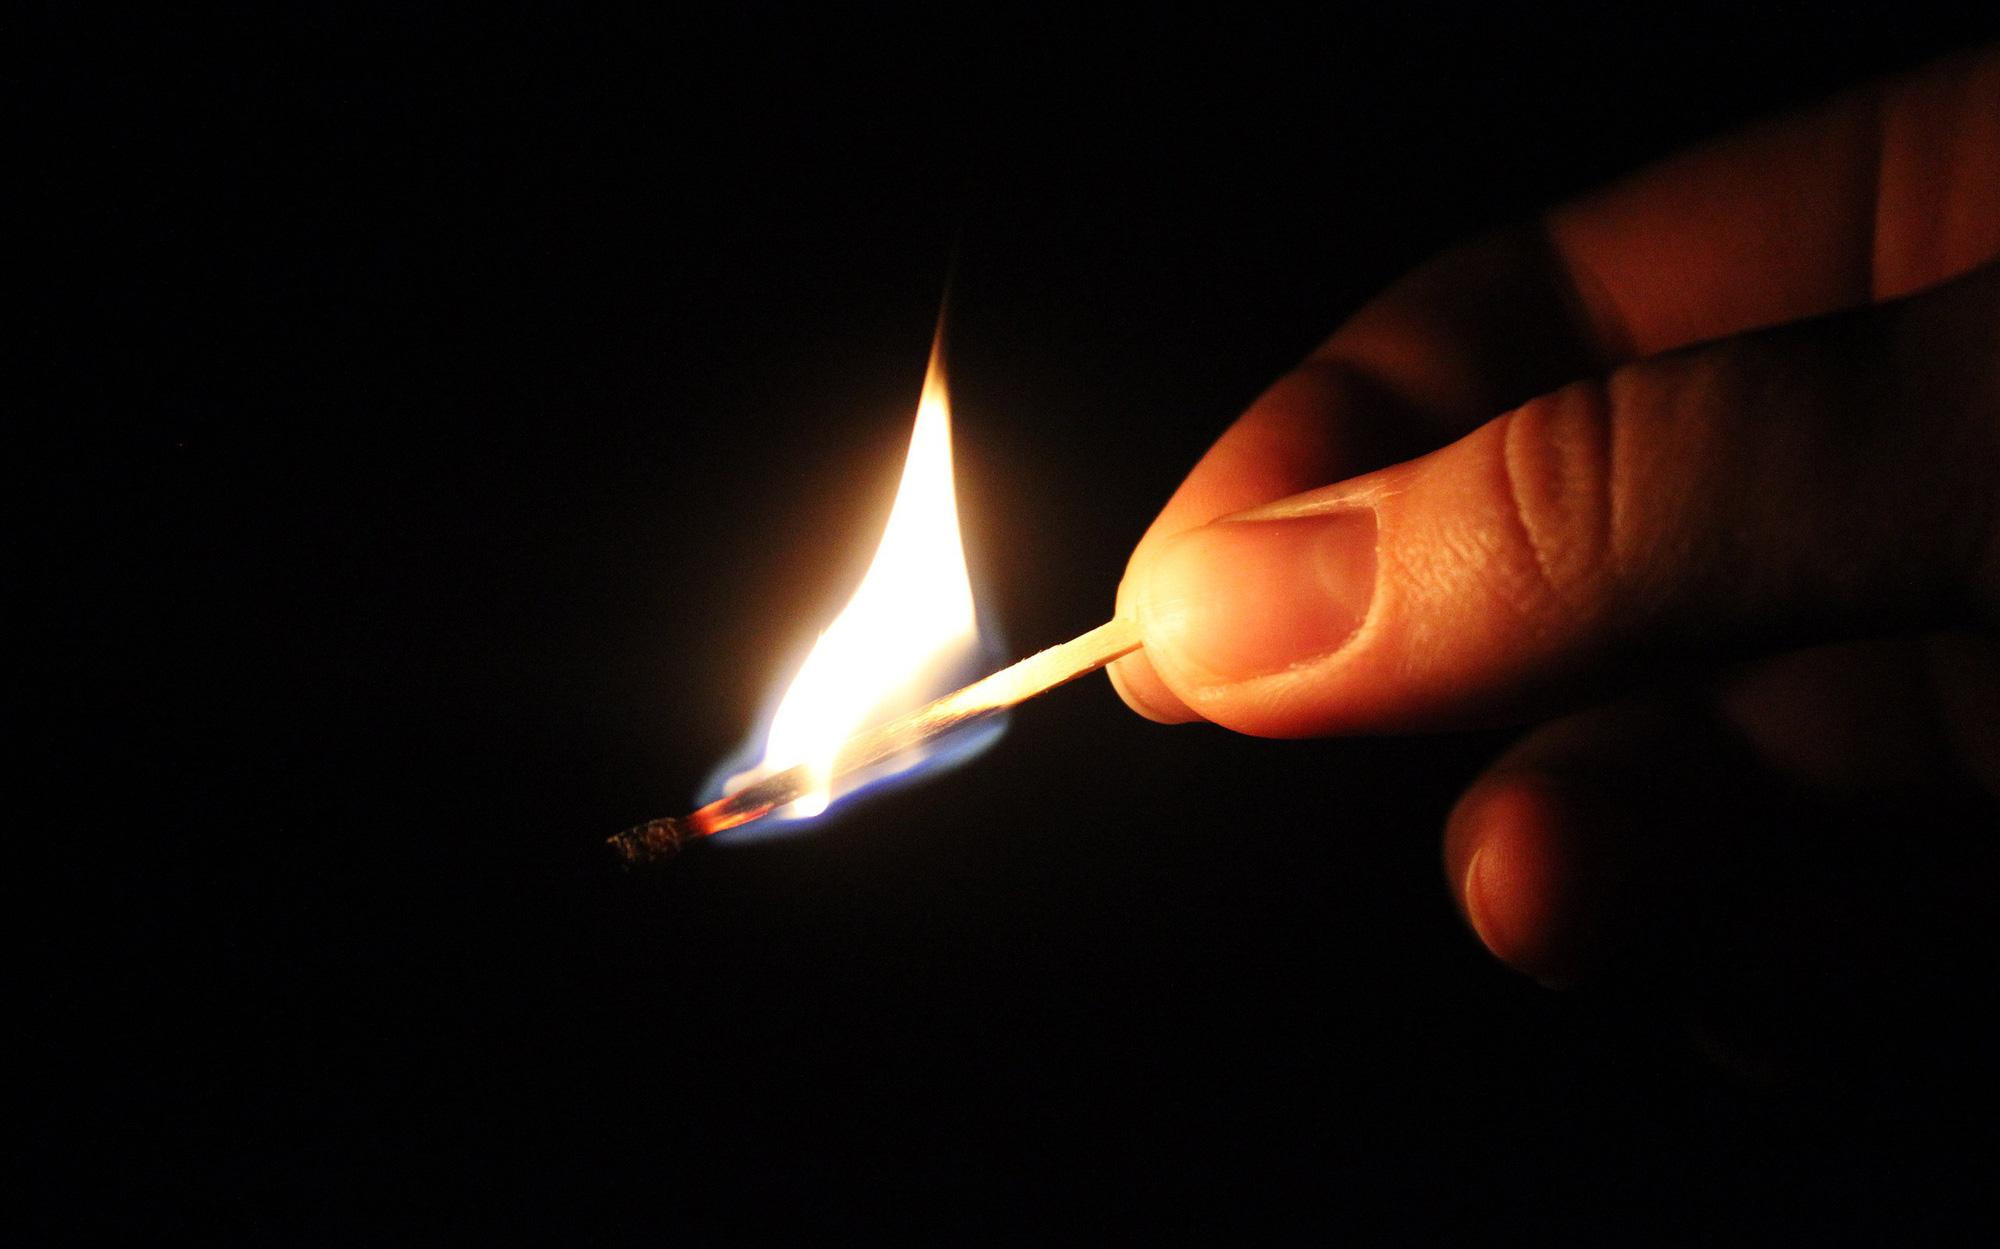 Lý giải hiện tượng siêu nhiên bí ẩn: Cơ thể con người tự bốc cháy (Phần cuối)